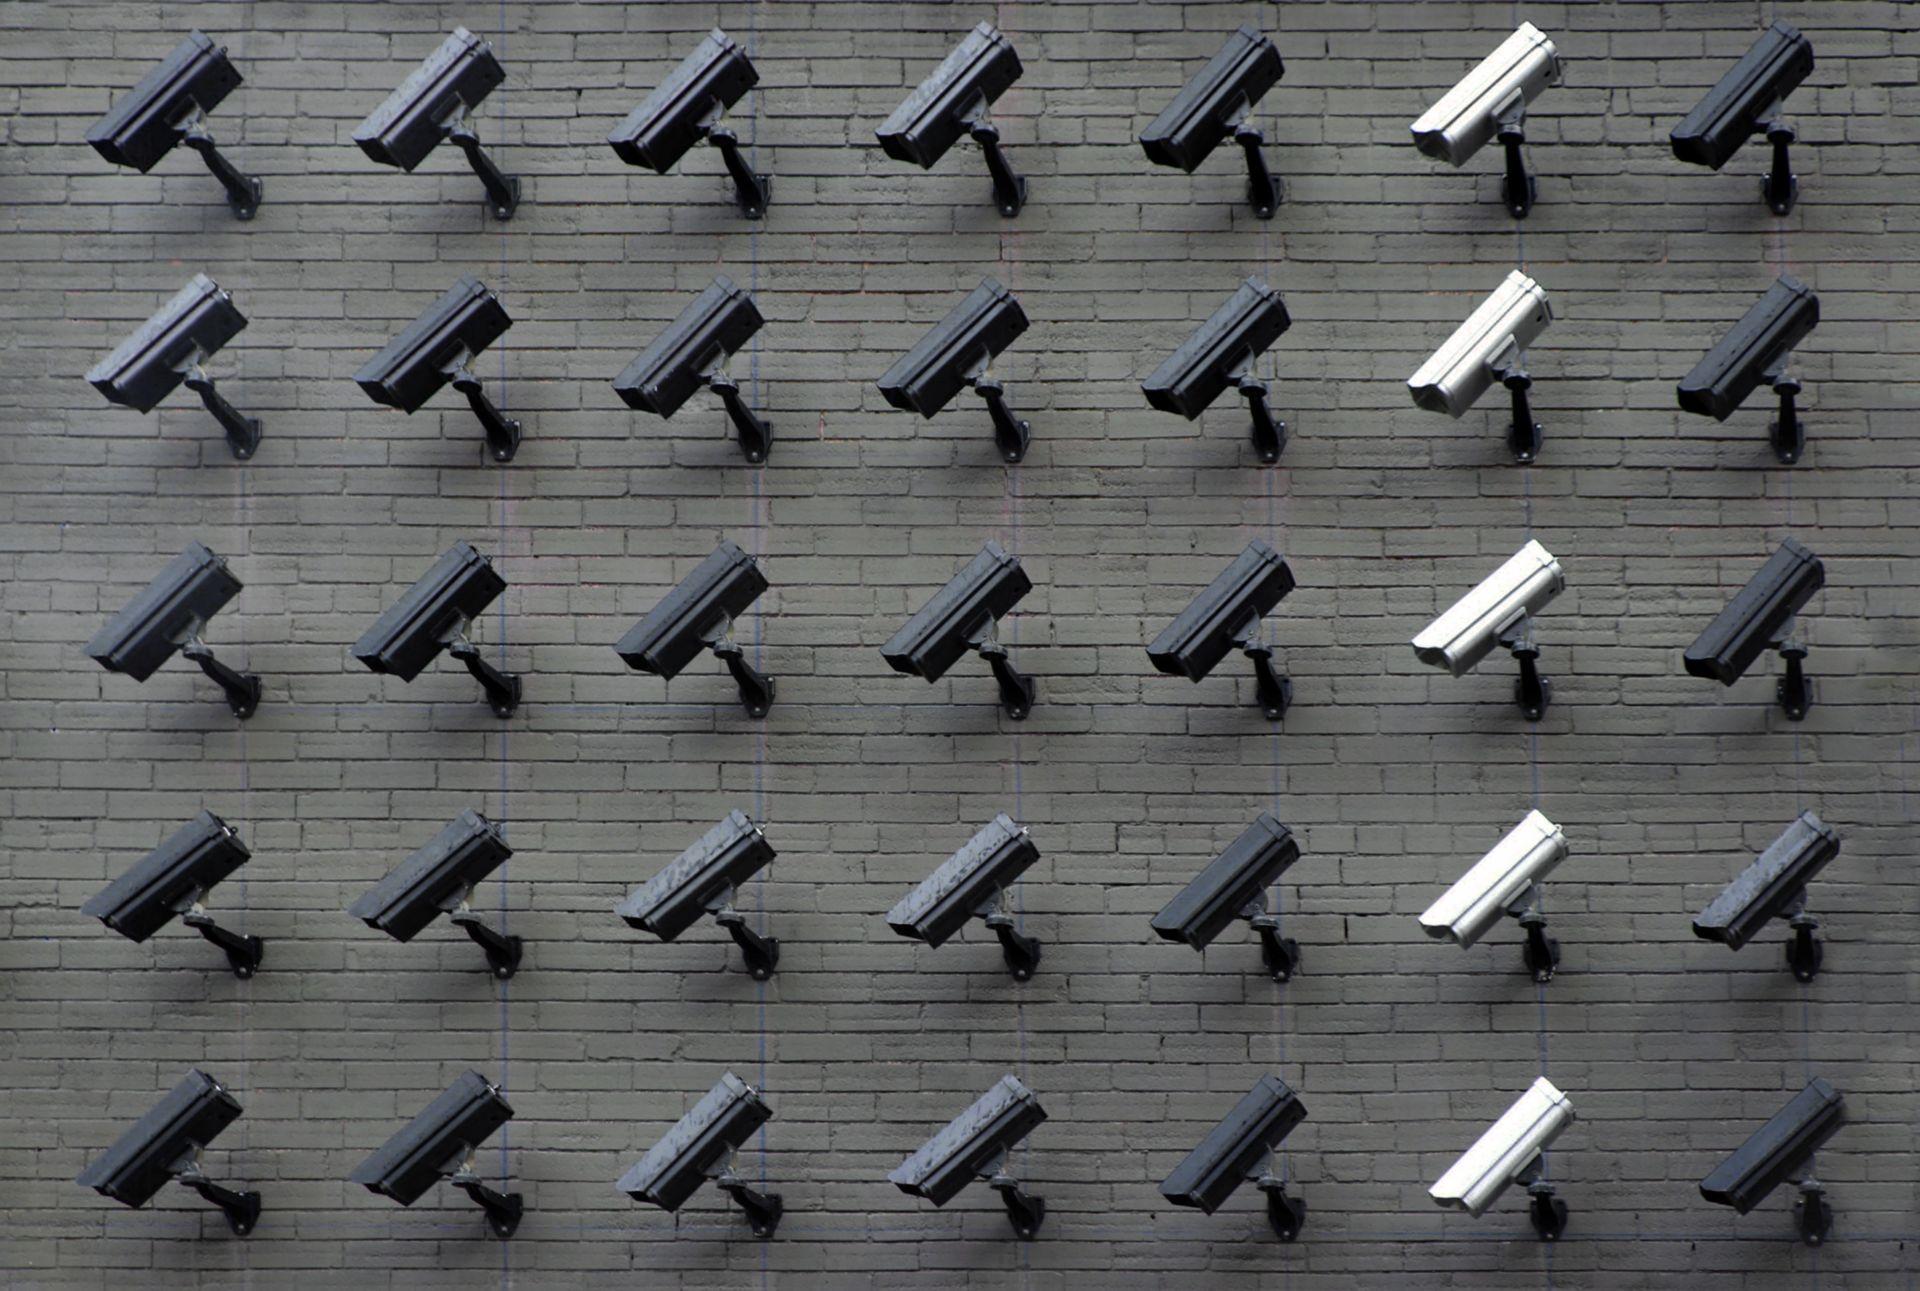 https://fikiri.net/wp-content/uploads/2020/02/1582734906_91_Brazylijski-karnawal-zastosuje-rozpoznawanie-twarzy-jako-srodek-bezpieczenstwa.jpg